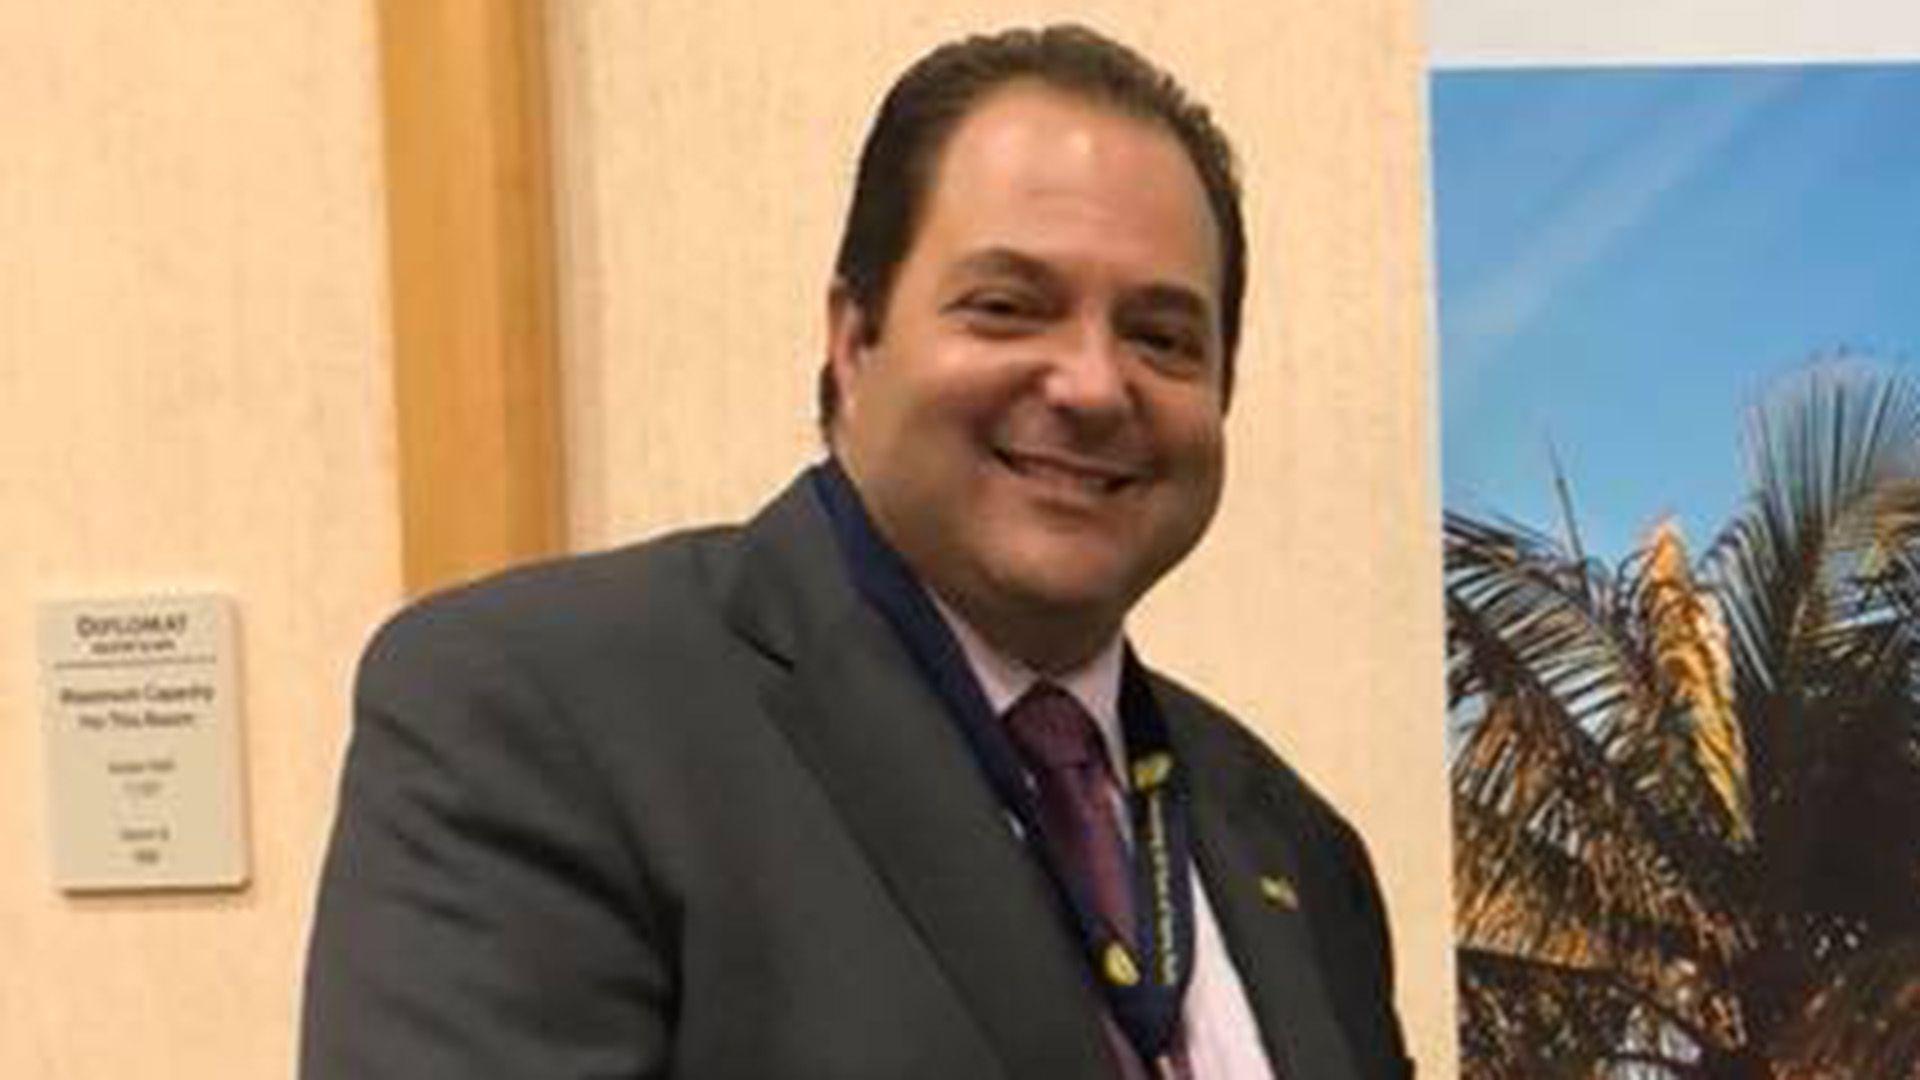 Anthony F. DeFilippo, alcalde de  North Miami Beach